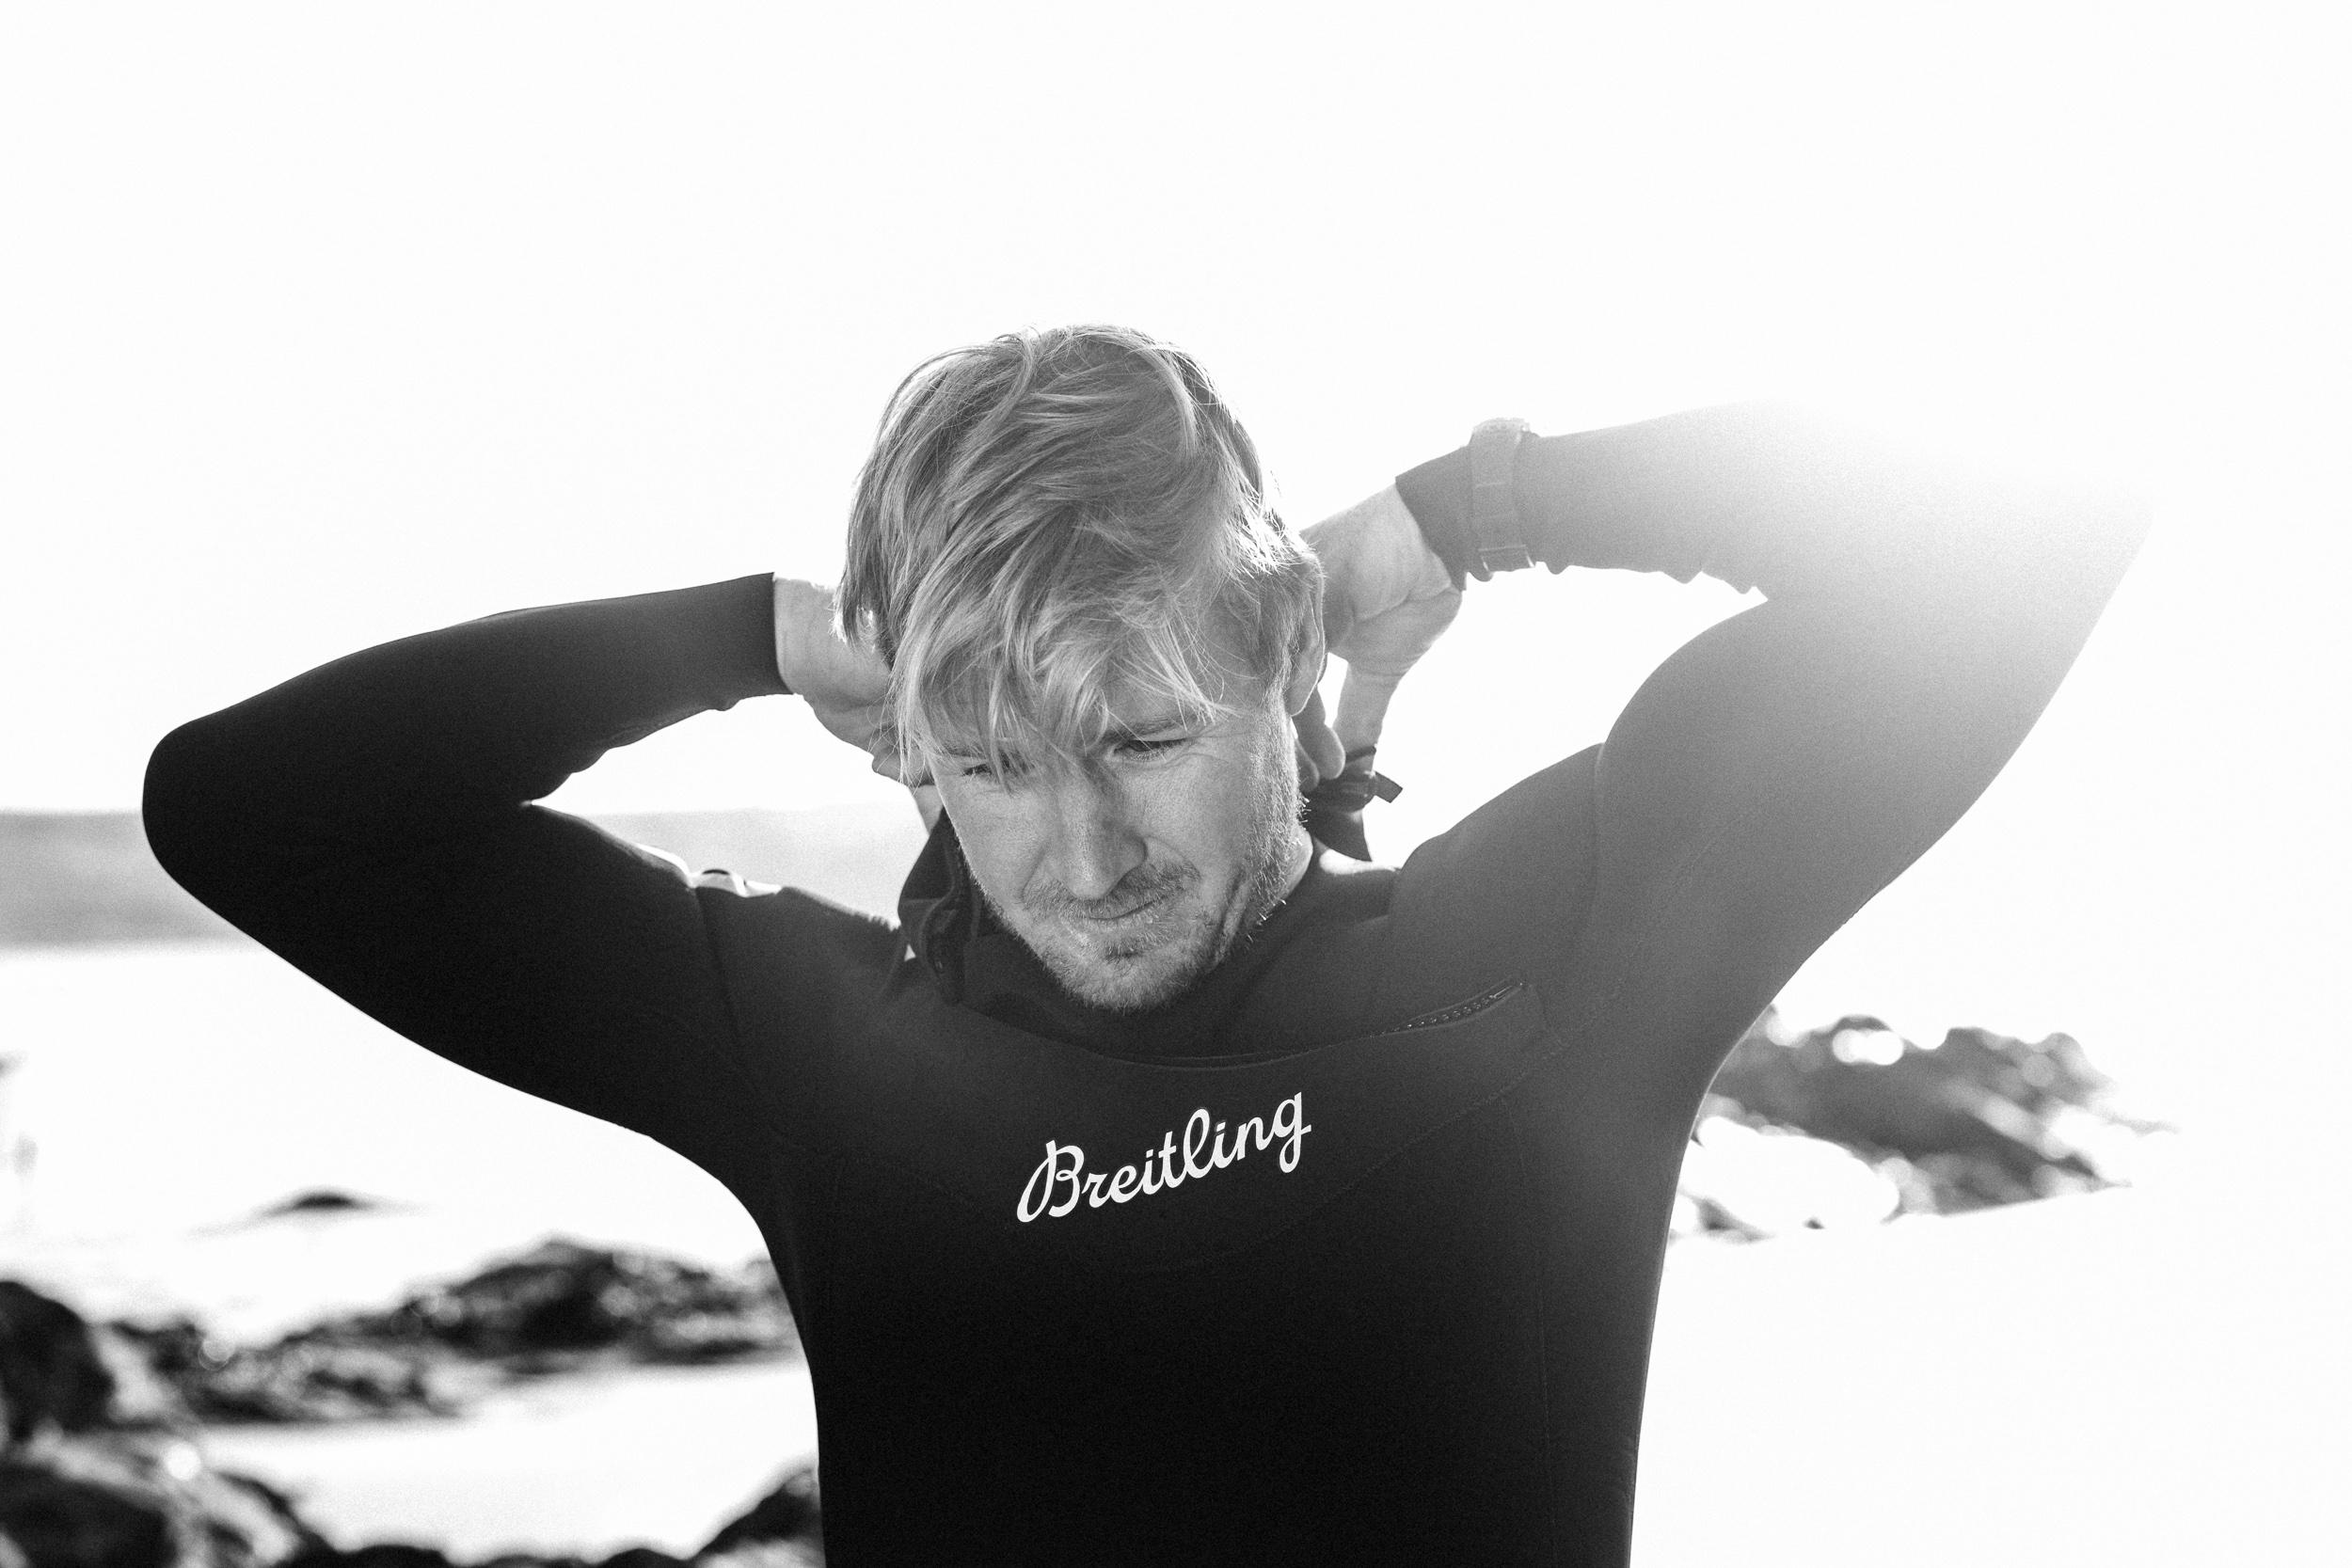 BREITLING-SURF-Finn-Beales-23.jpg